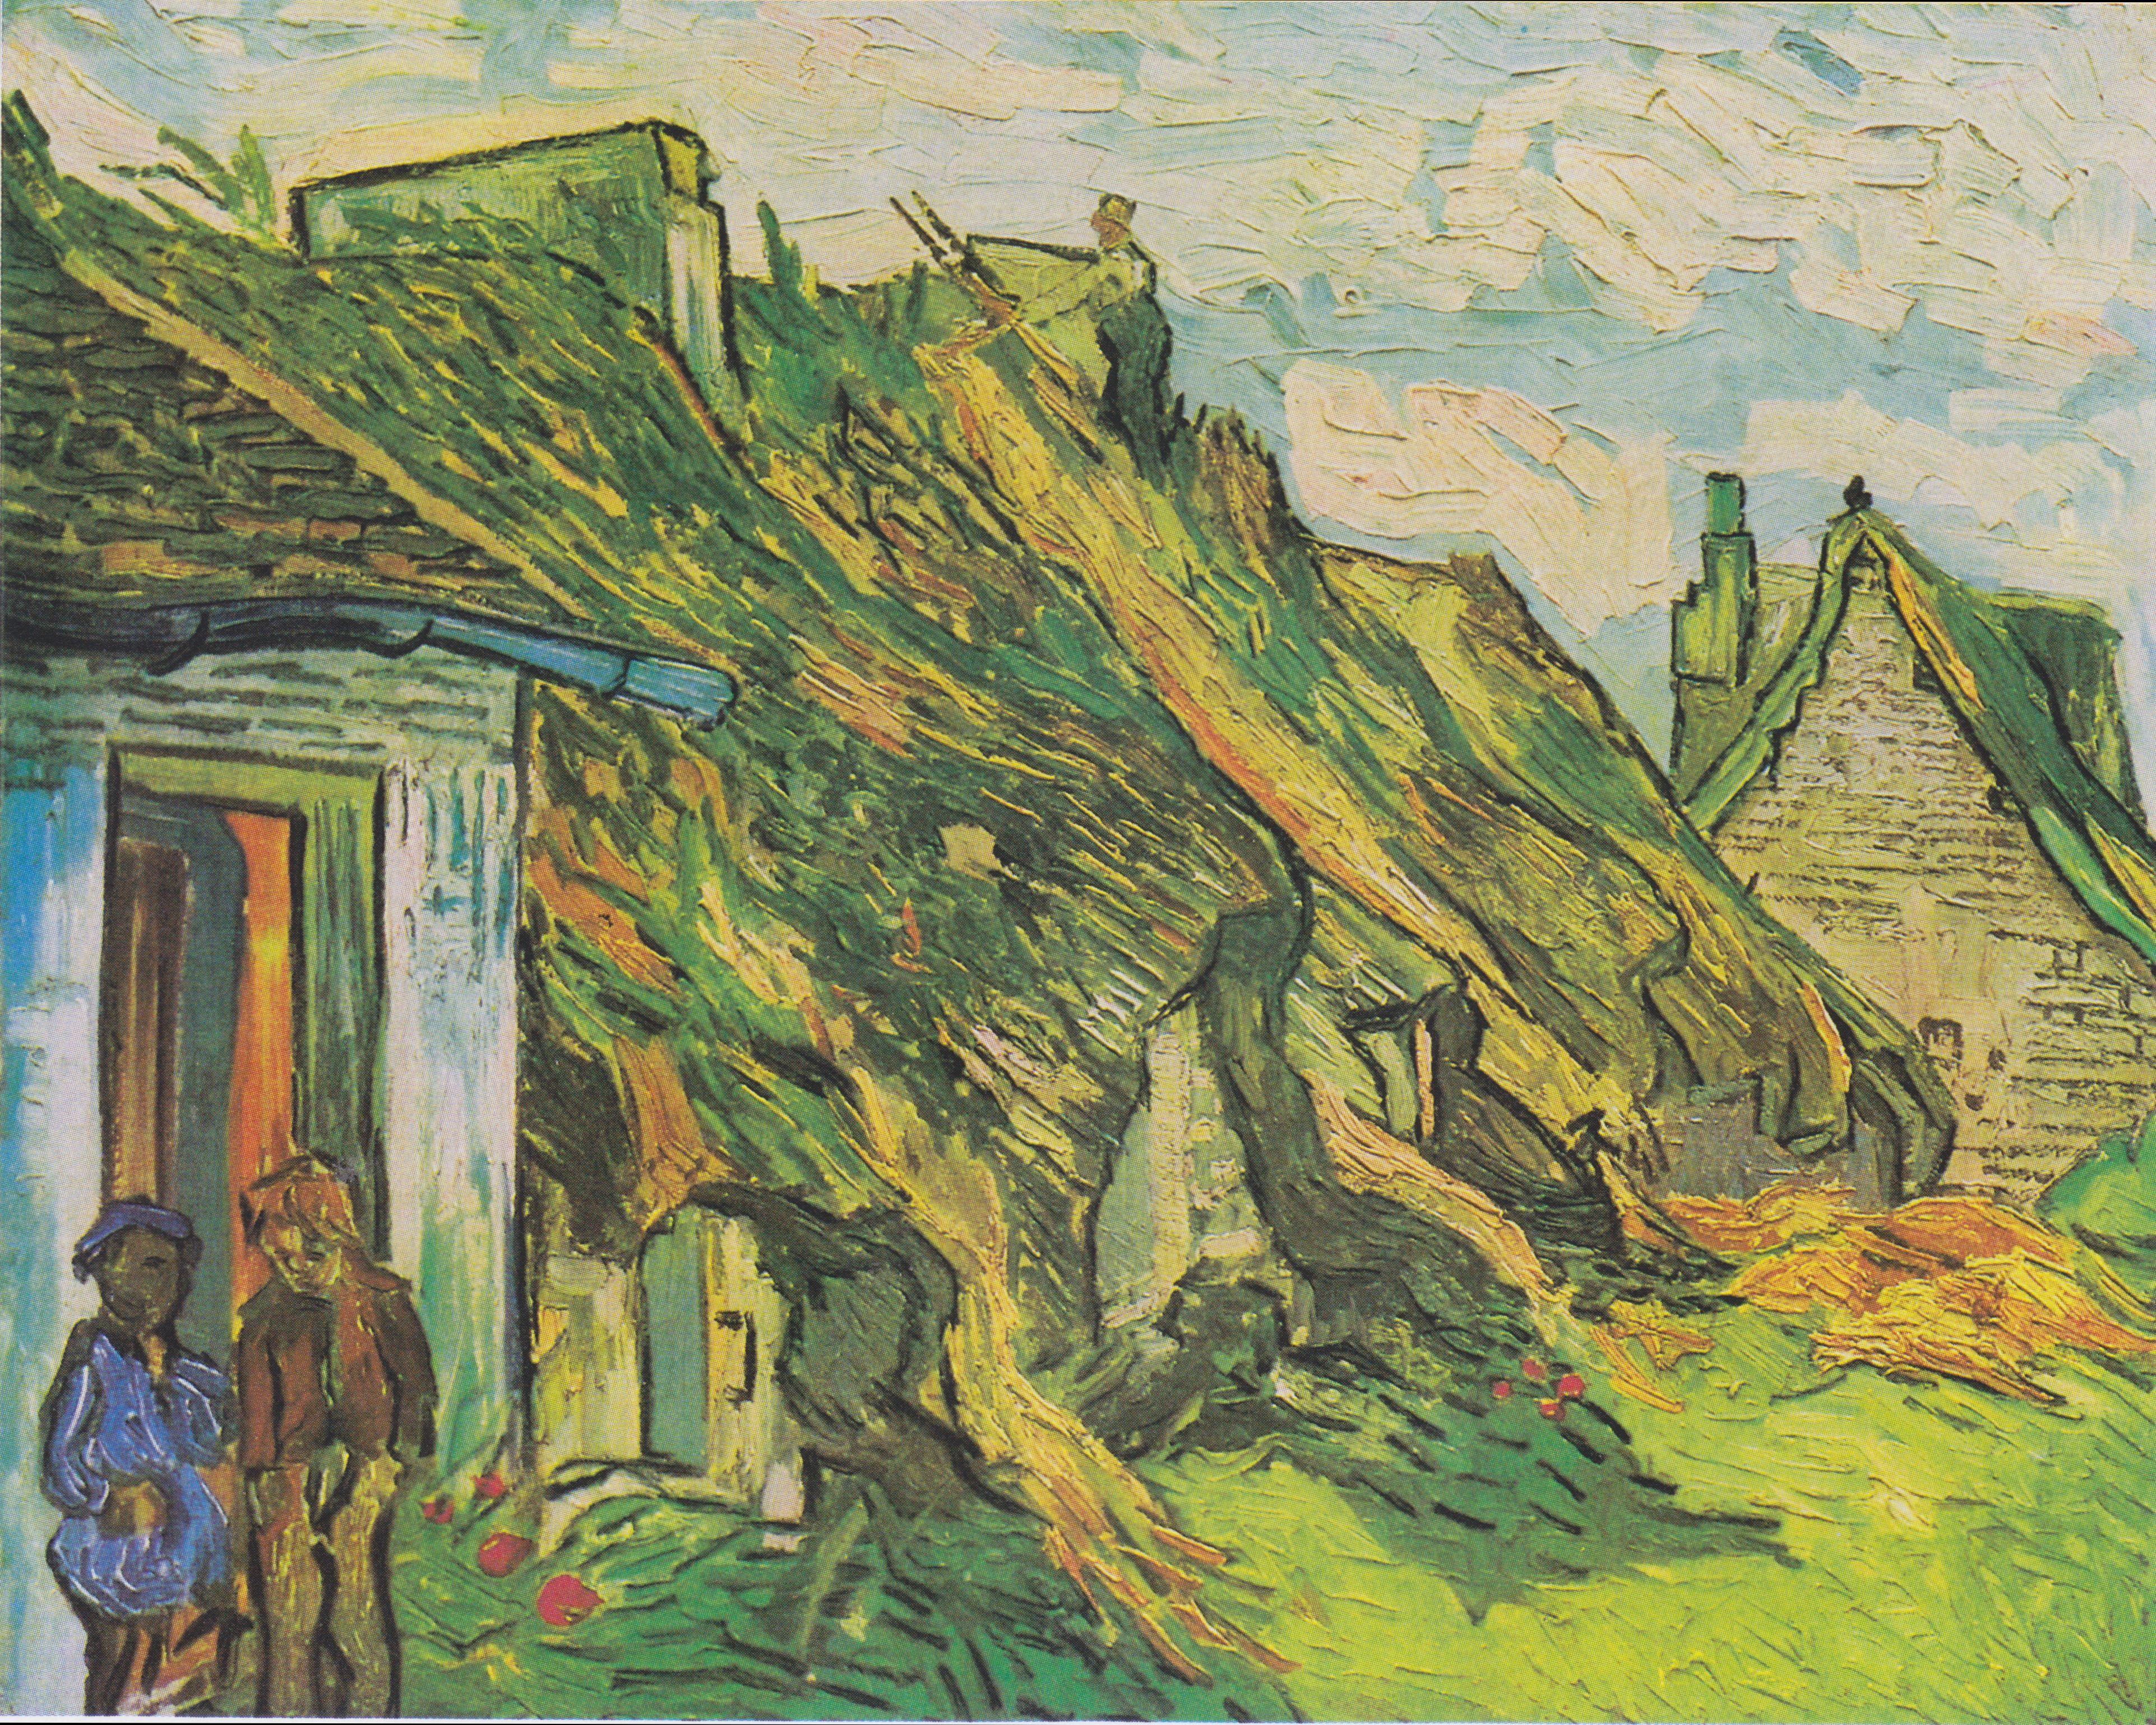 Van_Gogh_-_Strohgedeckte_Hütten_in_Chaponval.jpeg (3846×3078)